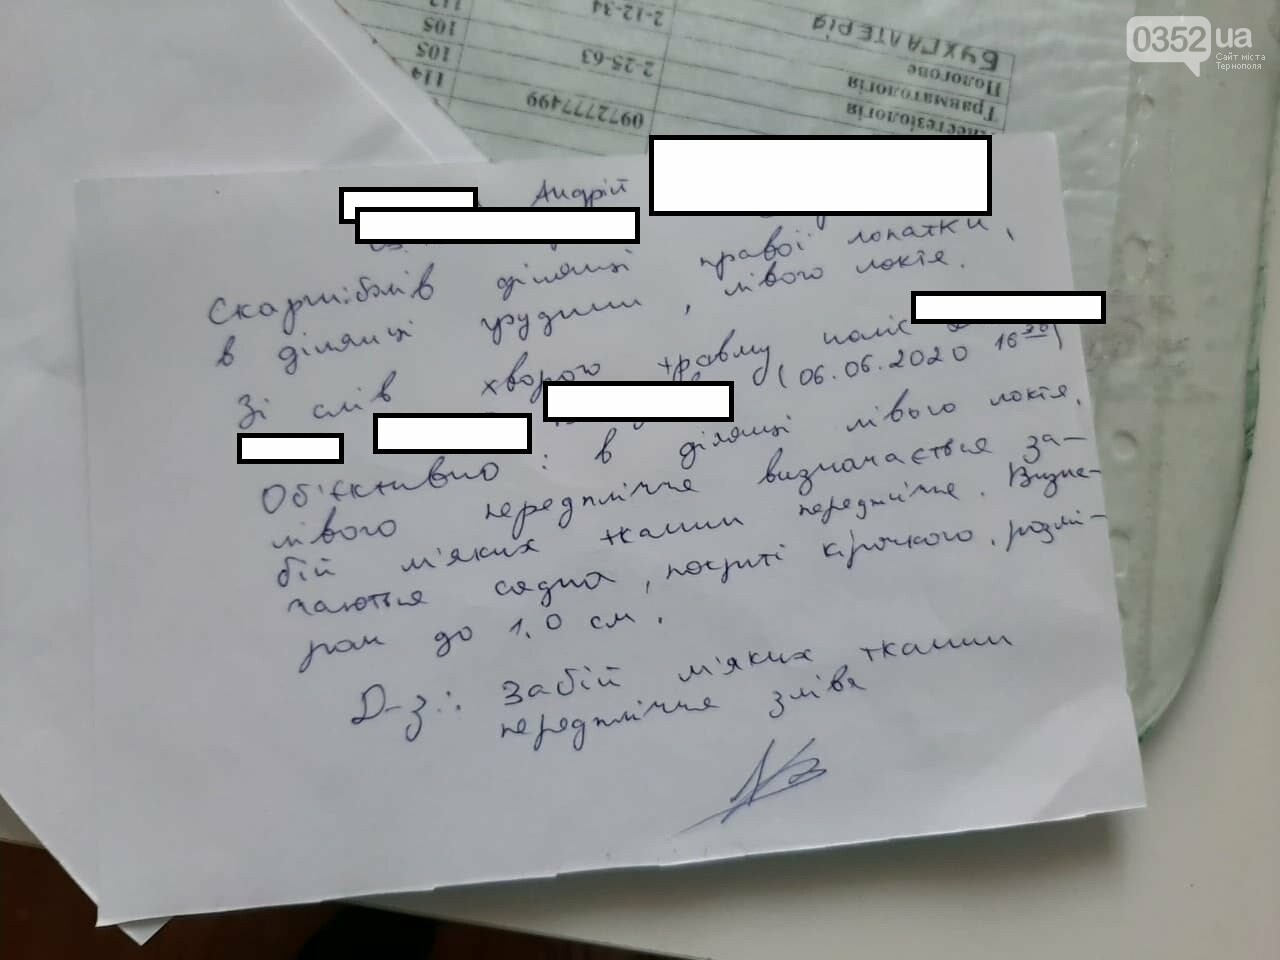 На Тернопільщині сина працівника правоохоронних органів підозрюють у вчинені крадіжки та звинувачують у побитті селянина (ФОТО), фото-7